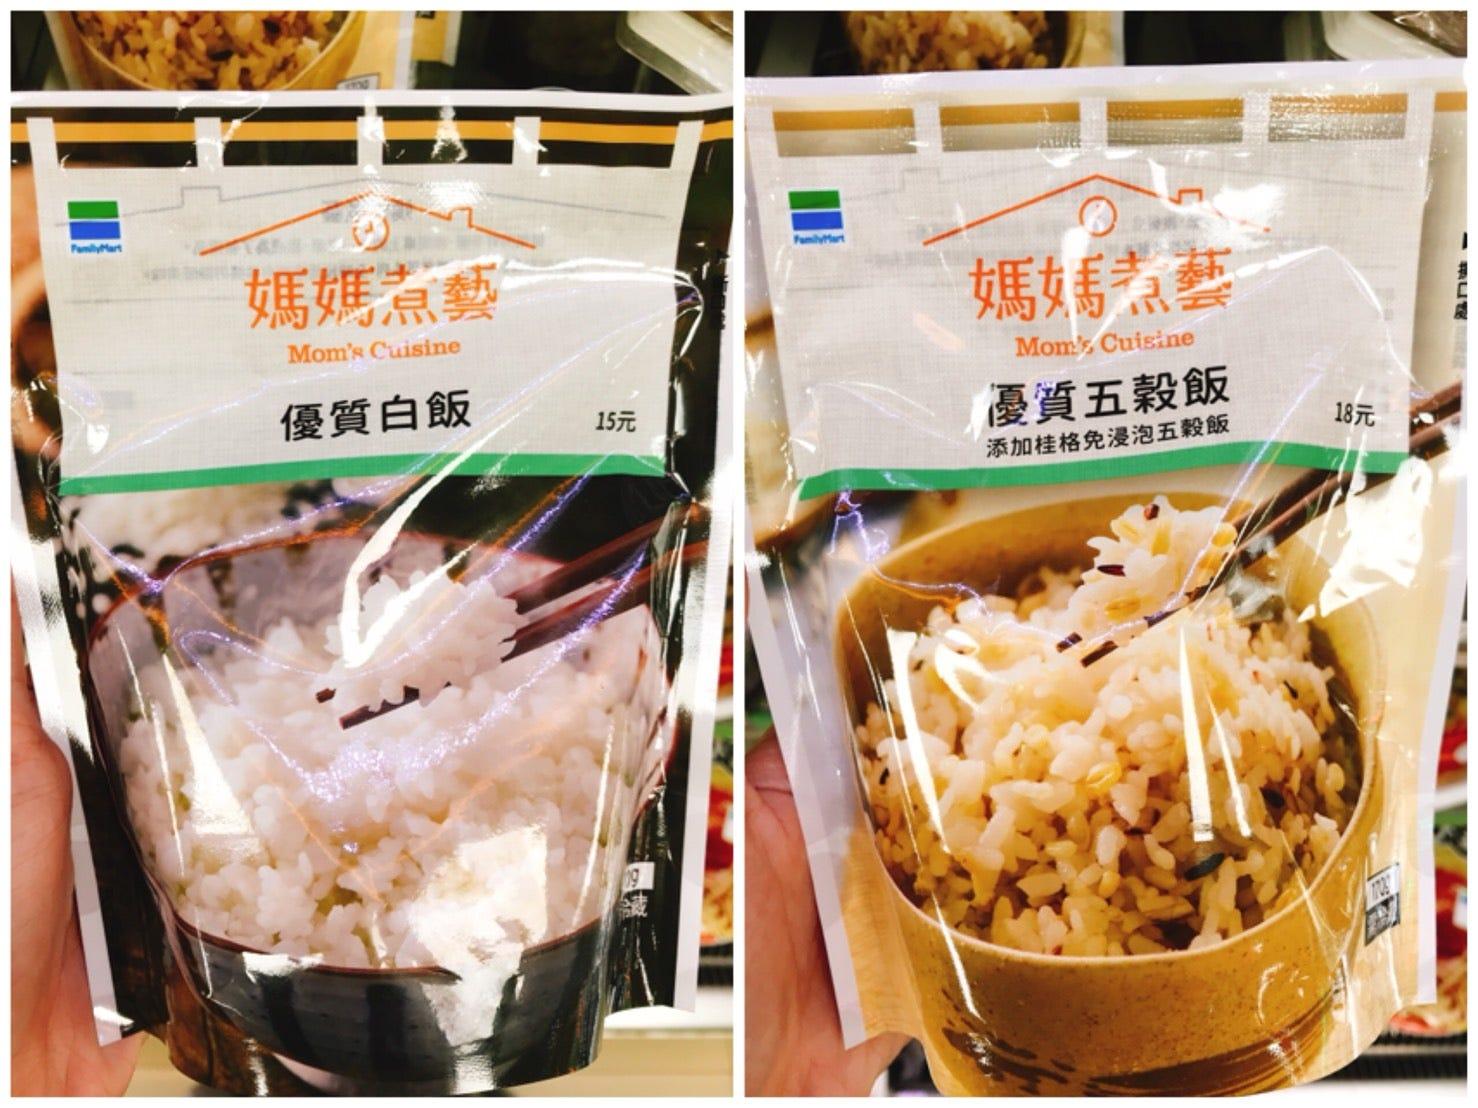 日本常溫保存即食飯 v.s.臺灣全家冷藏白飯 - 以農為本。農業手札 - Medium